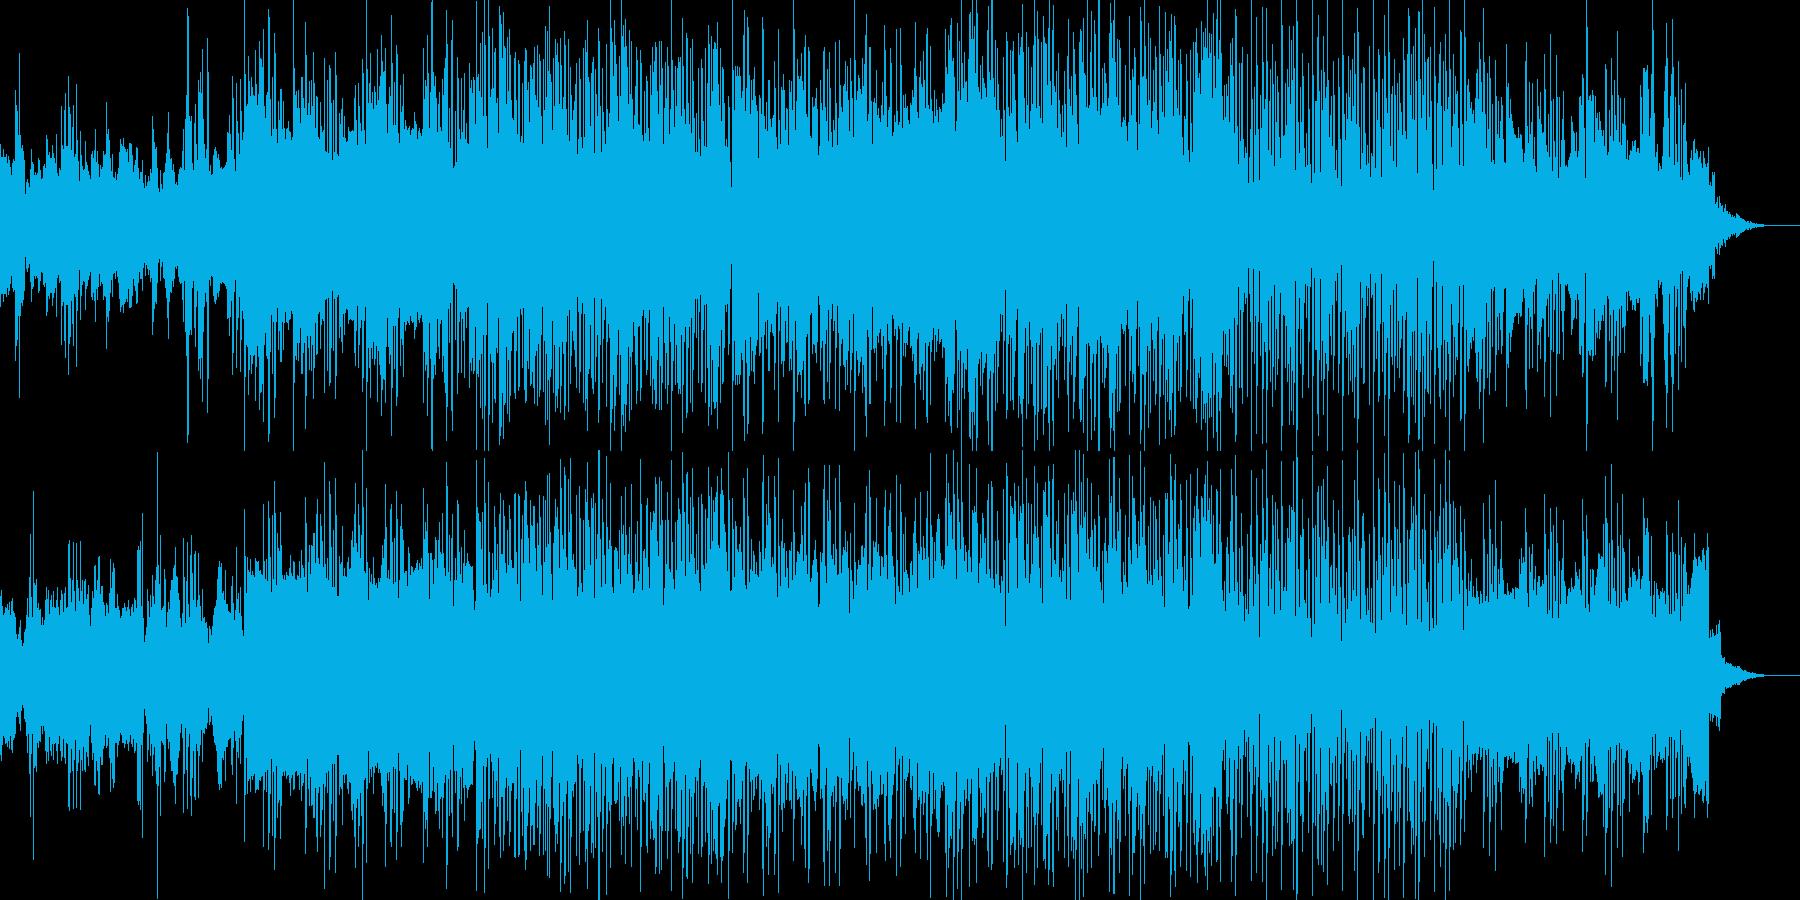 無国籍風の映画BGMのような曲の再生済みの波形